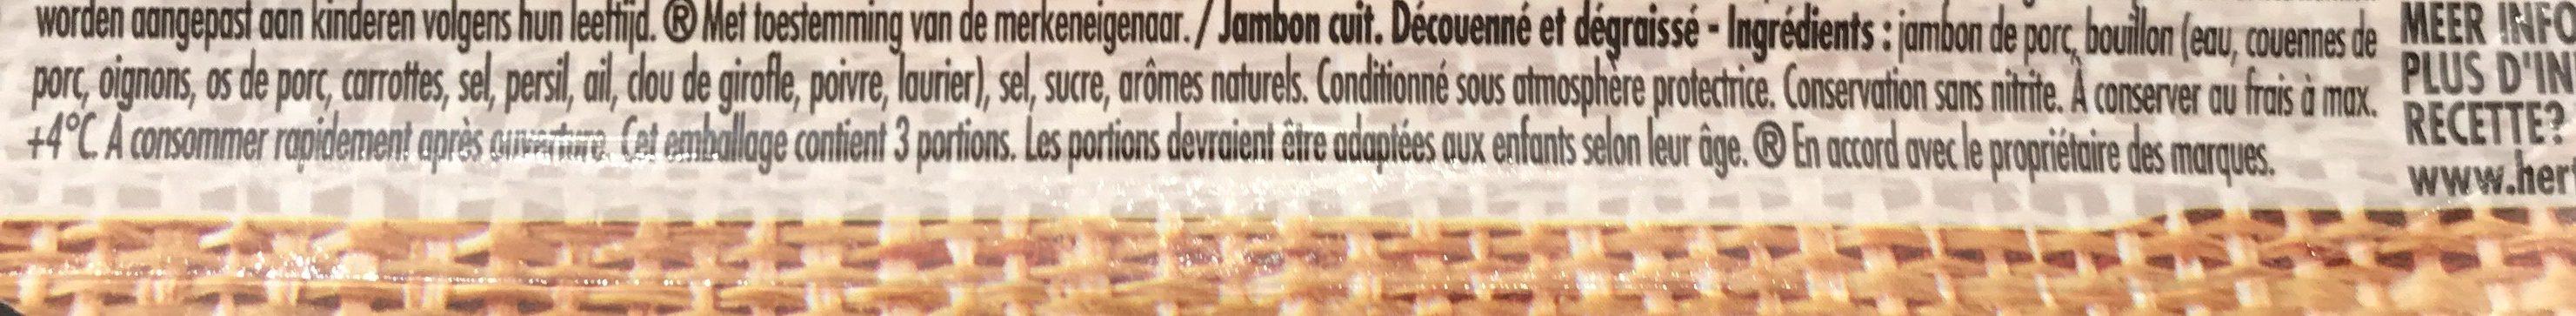 Jambon supérieur nature sans nitrite - Ingredients